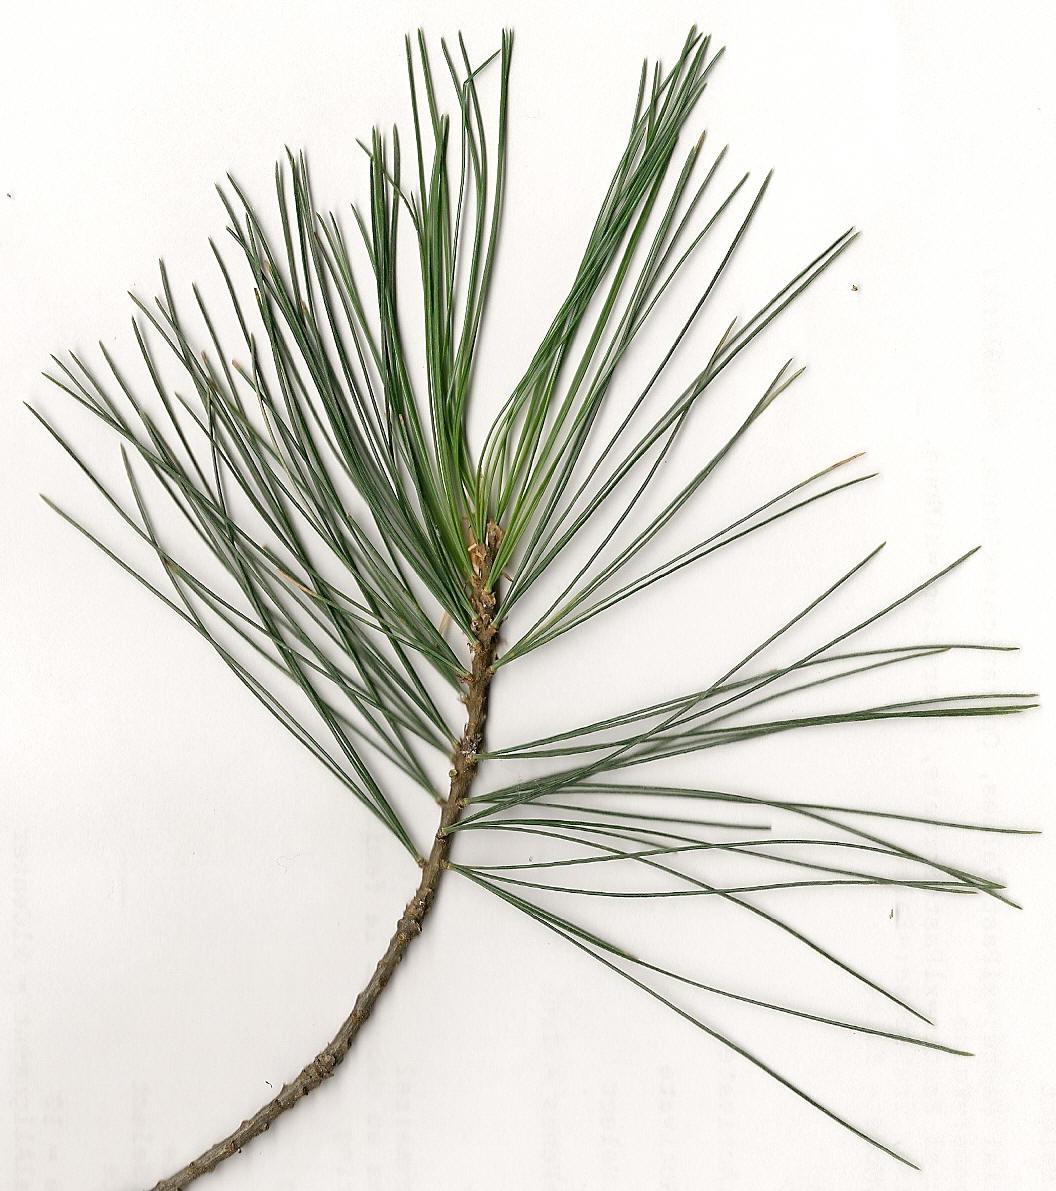 Pin blanc, white pine